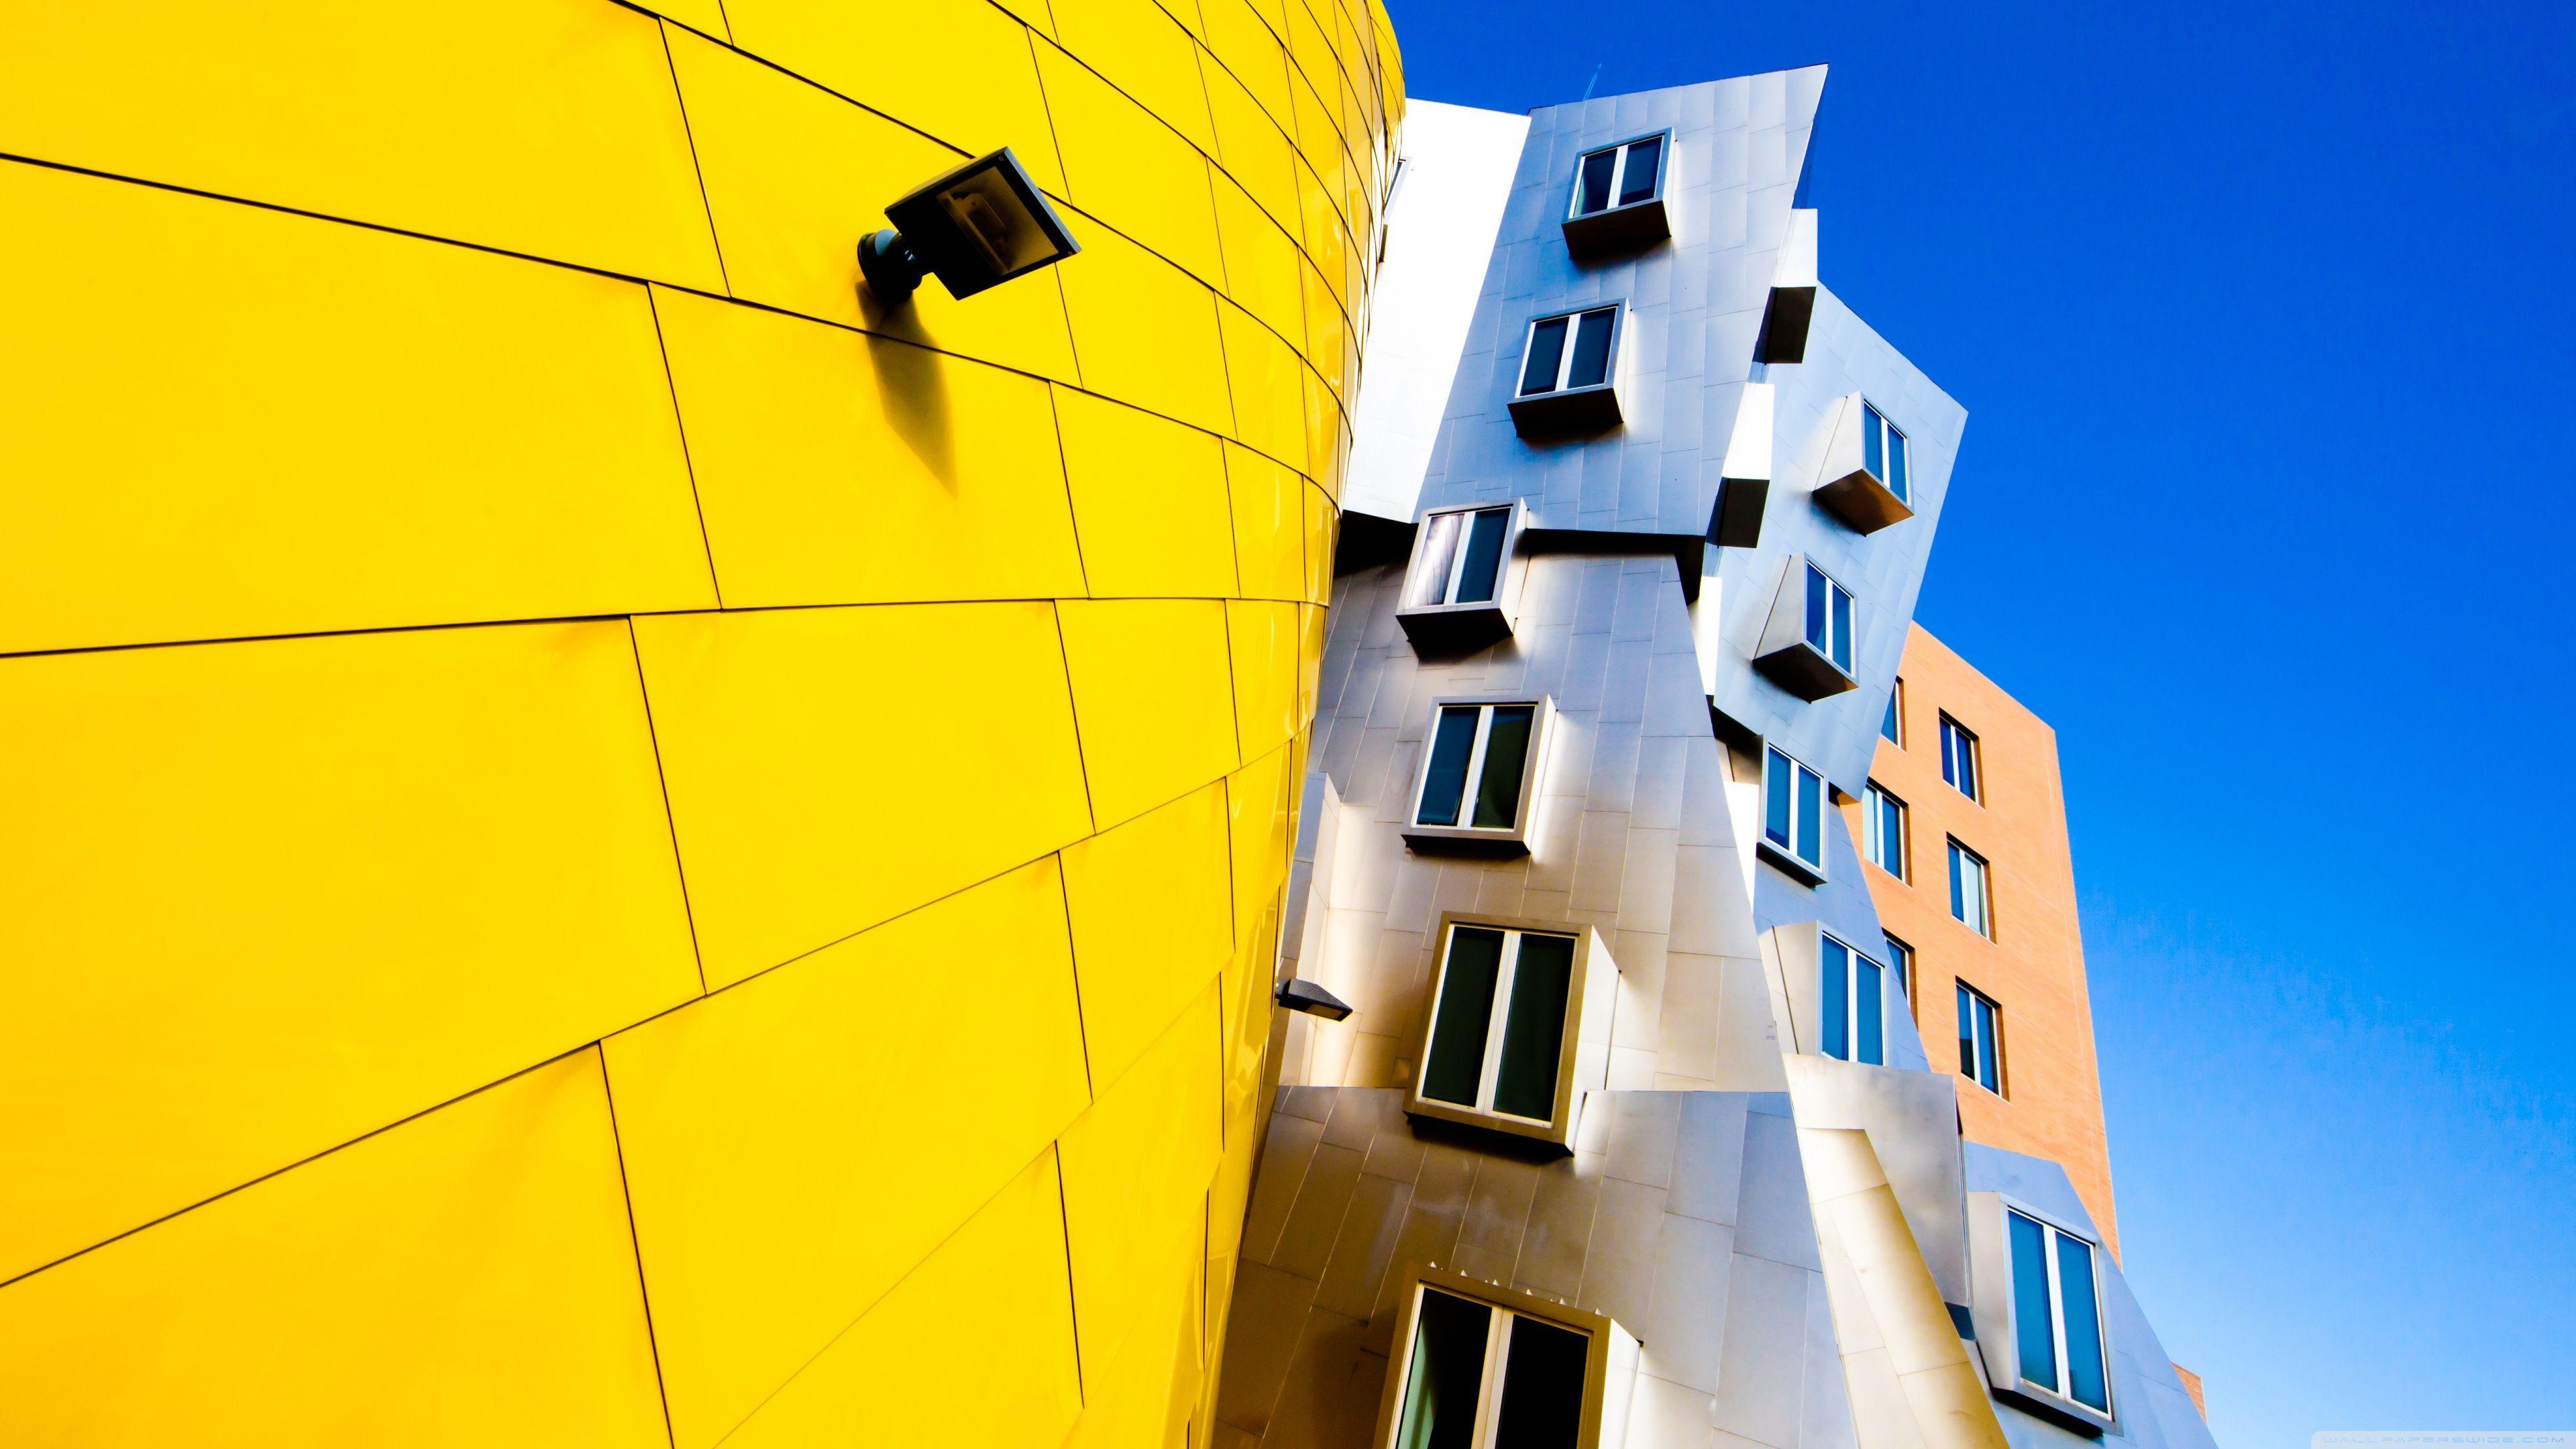 Frank Gehry Architecture HD desktop wallpaper : Widescreen : High ...